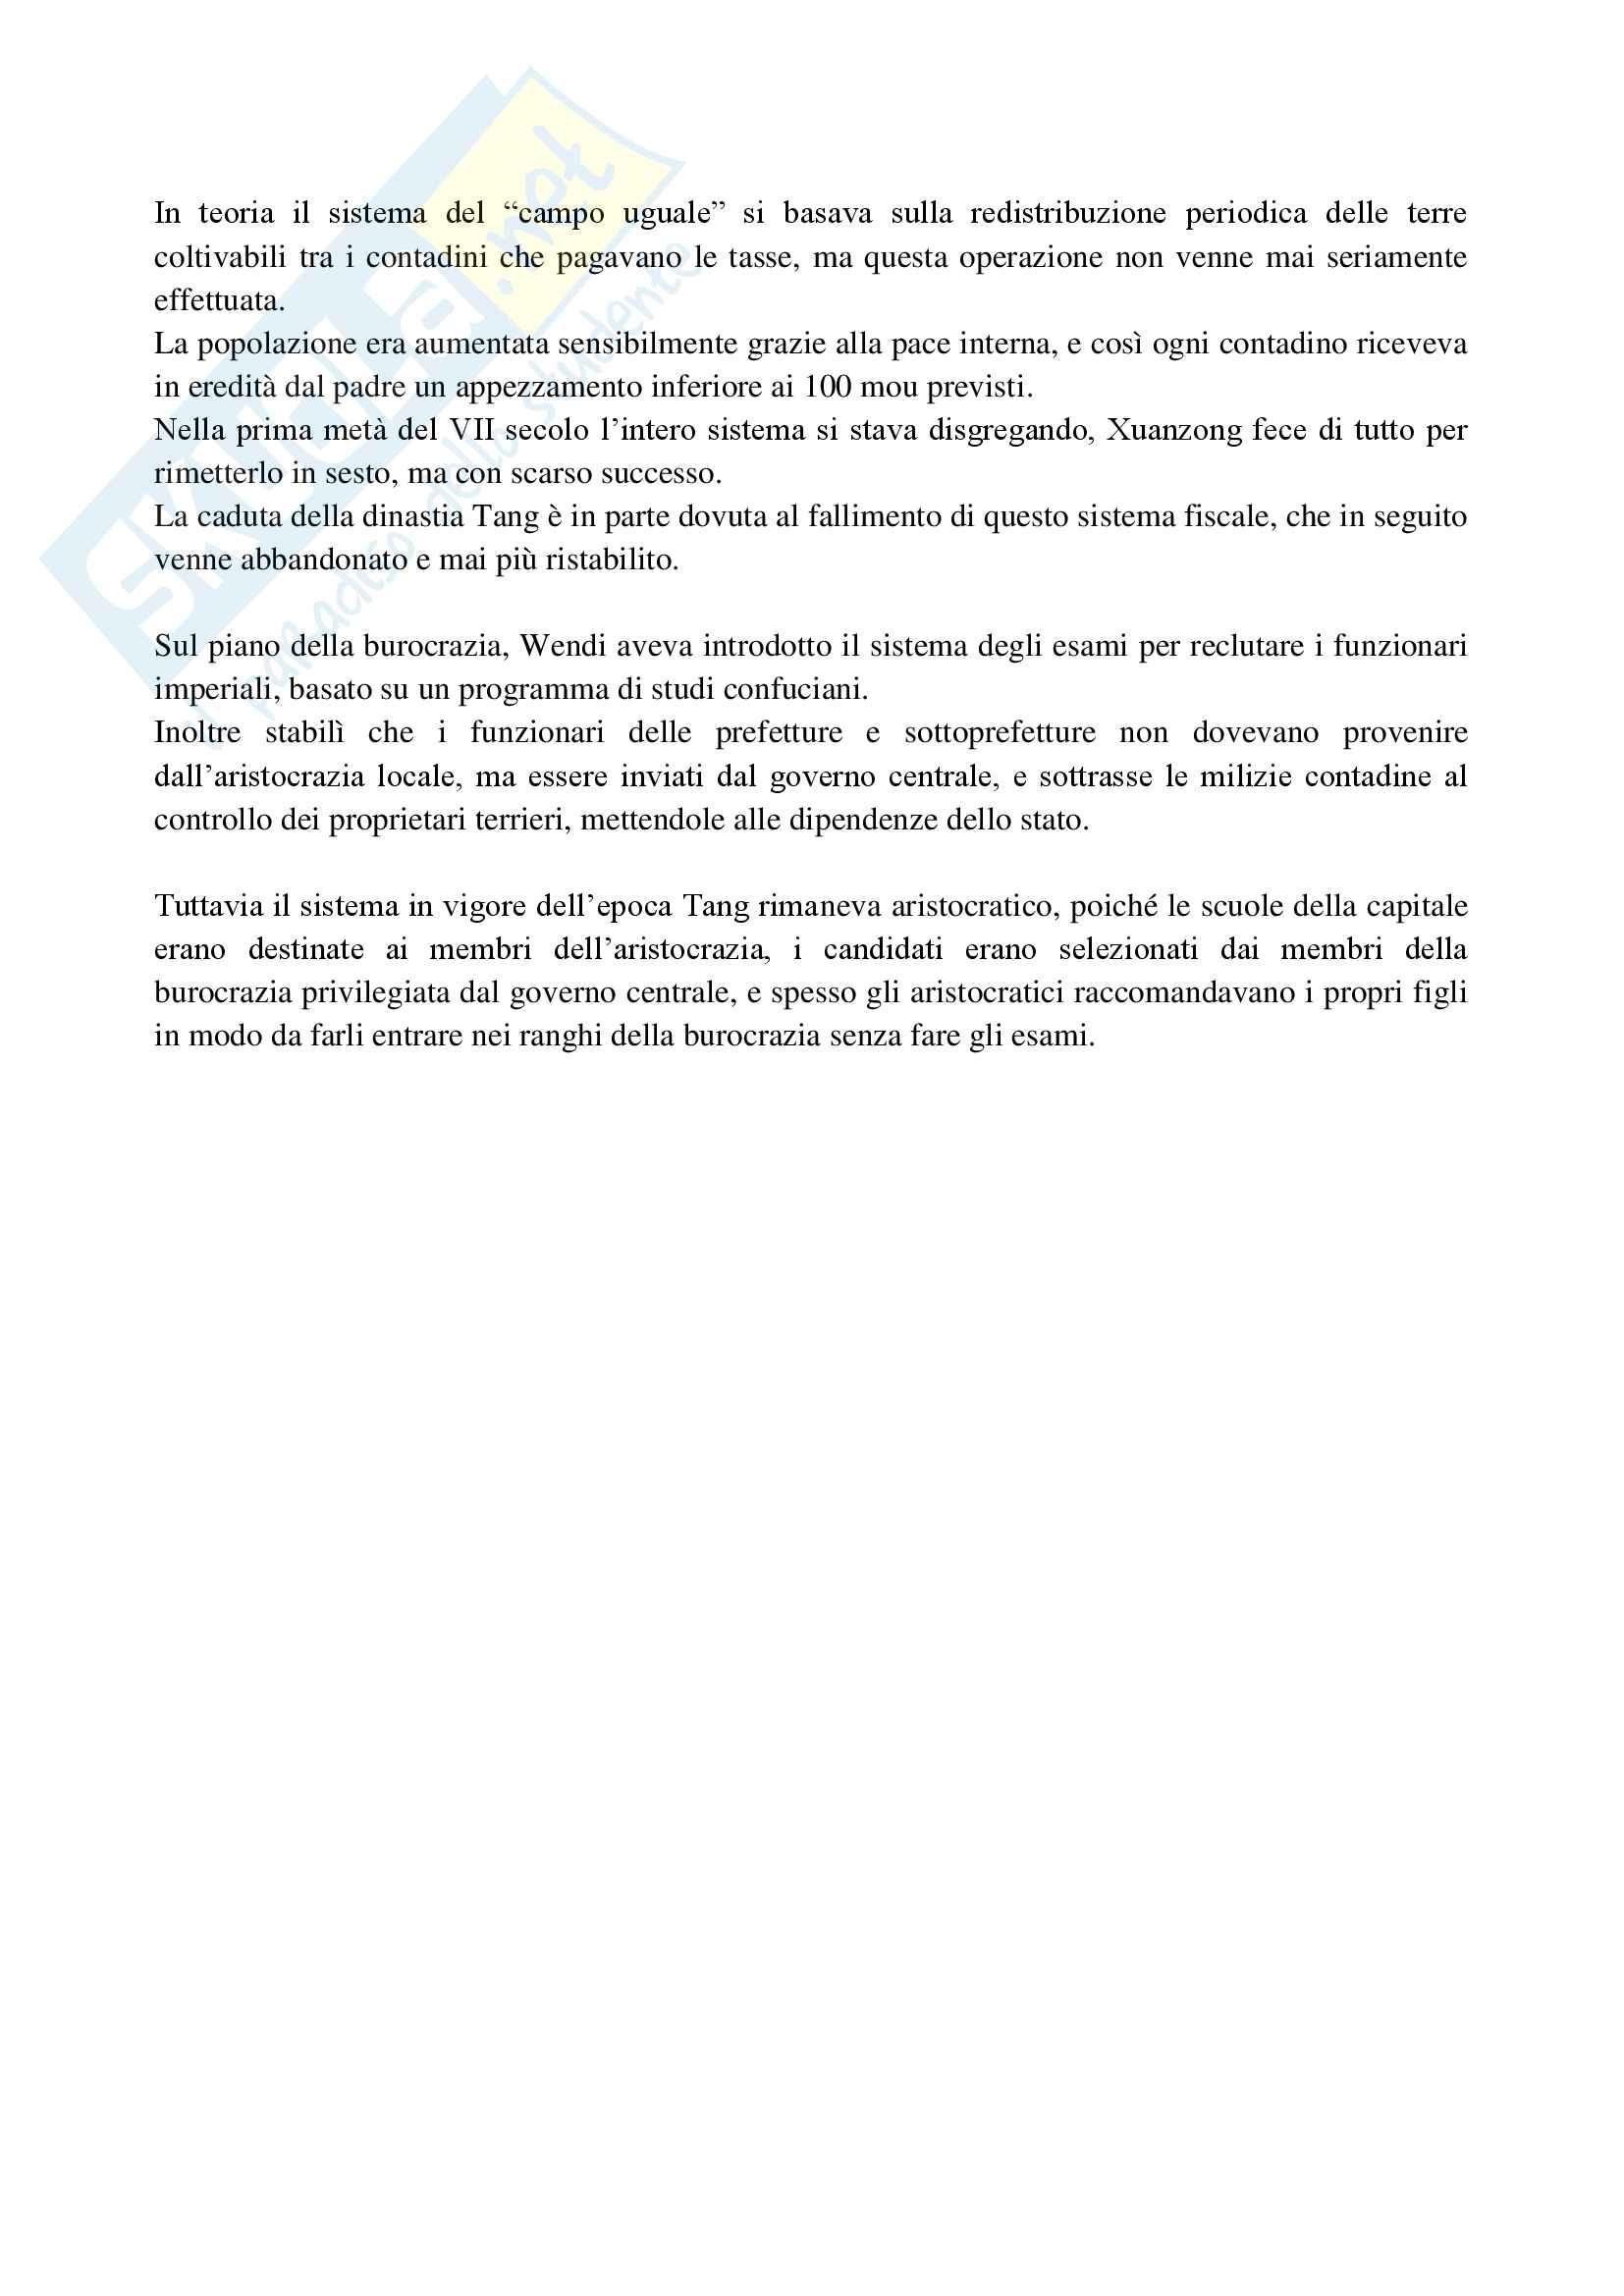 Riassunto esame Storia e civiltà dell'Estremo Oriente, prof. Carioti, libro consigliato Storia dell'Asia Orientale, John K. Fairbank, Edwin, O. Reischauer Pag. 26